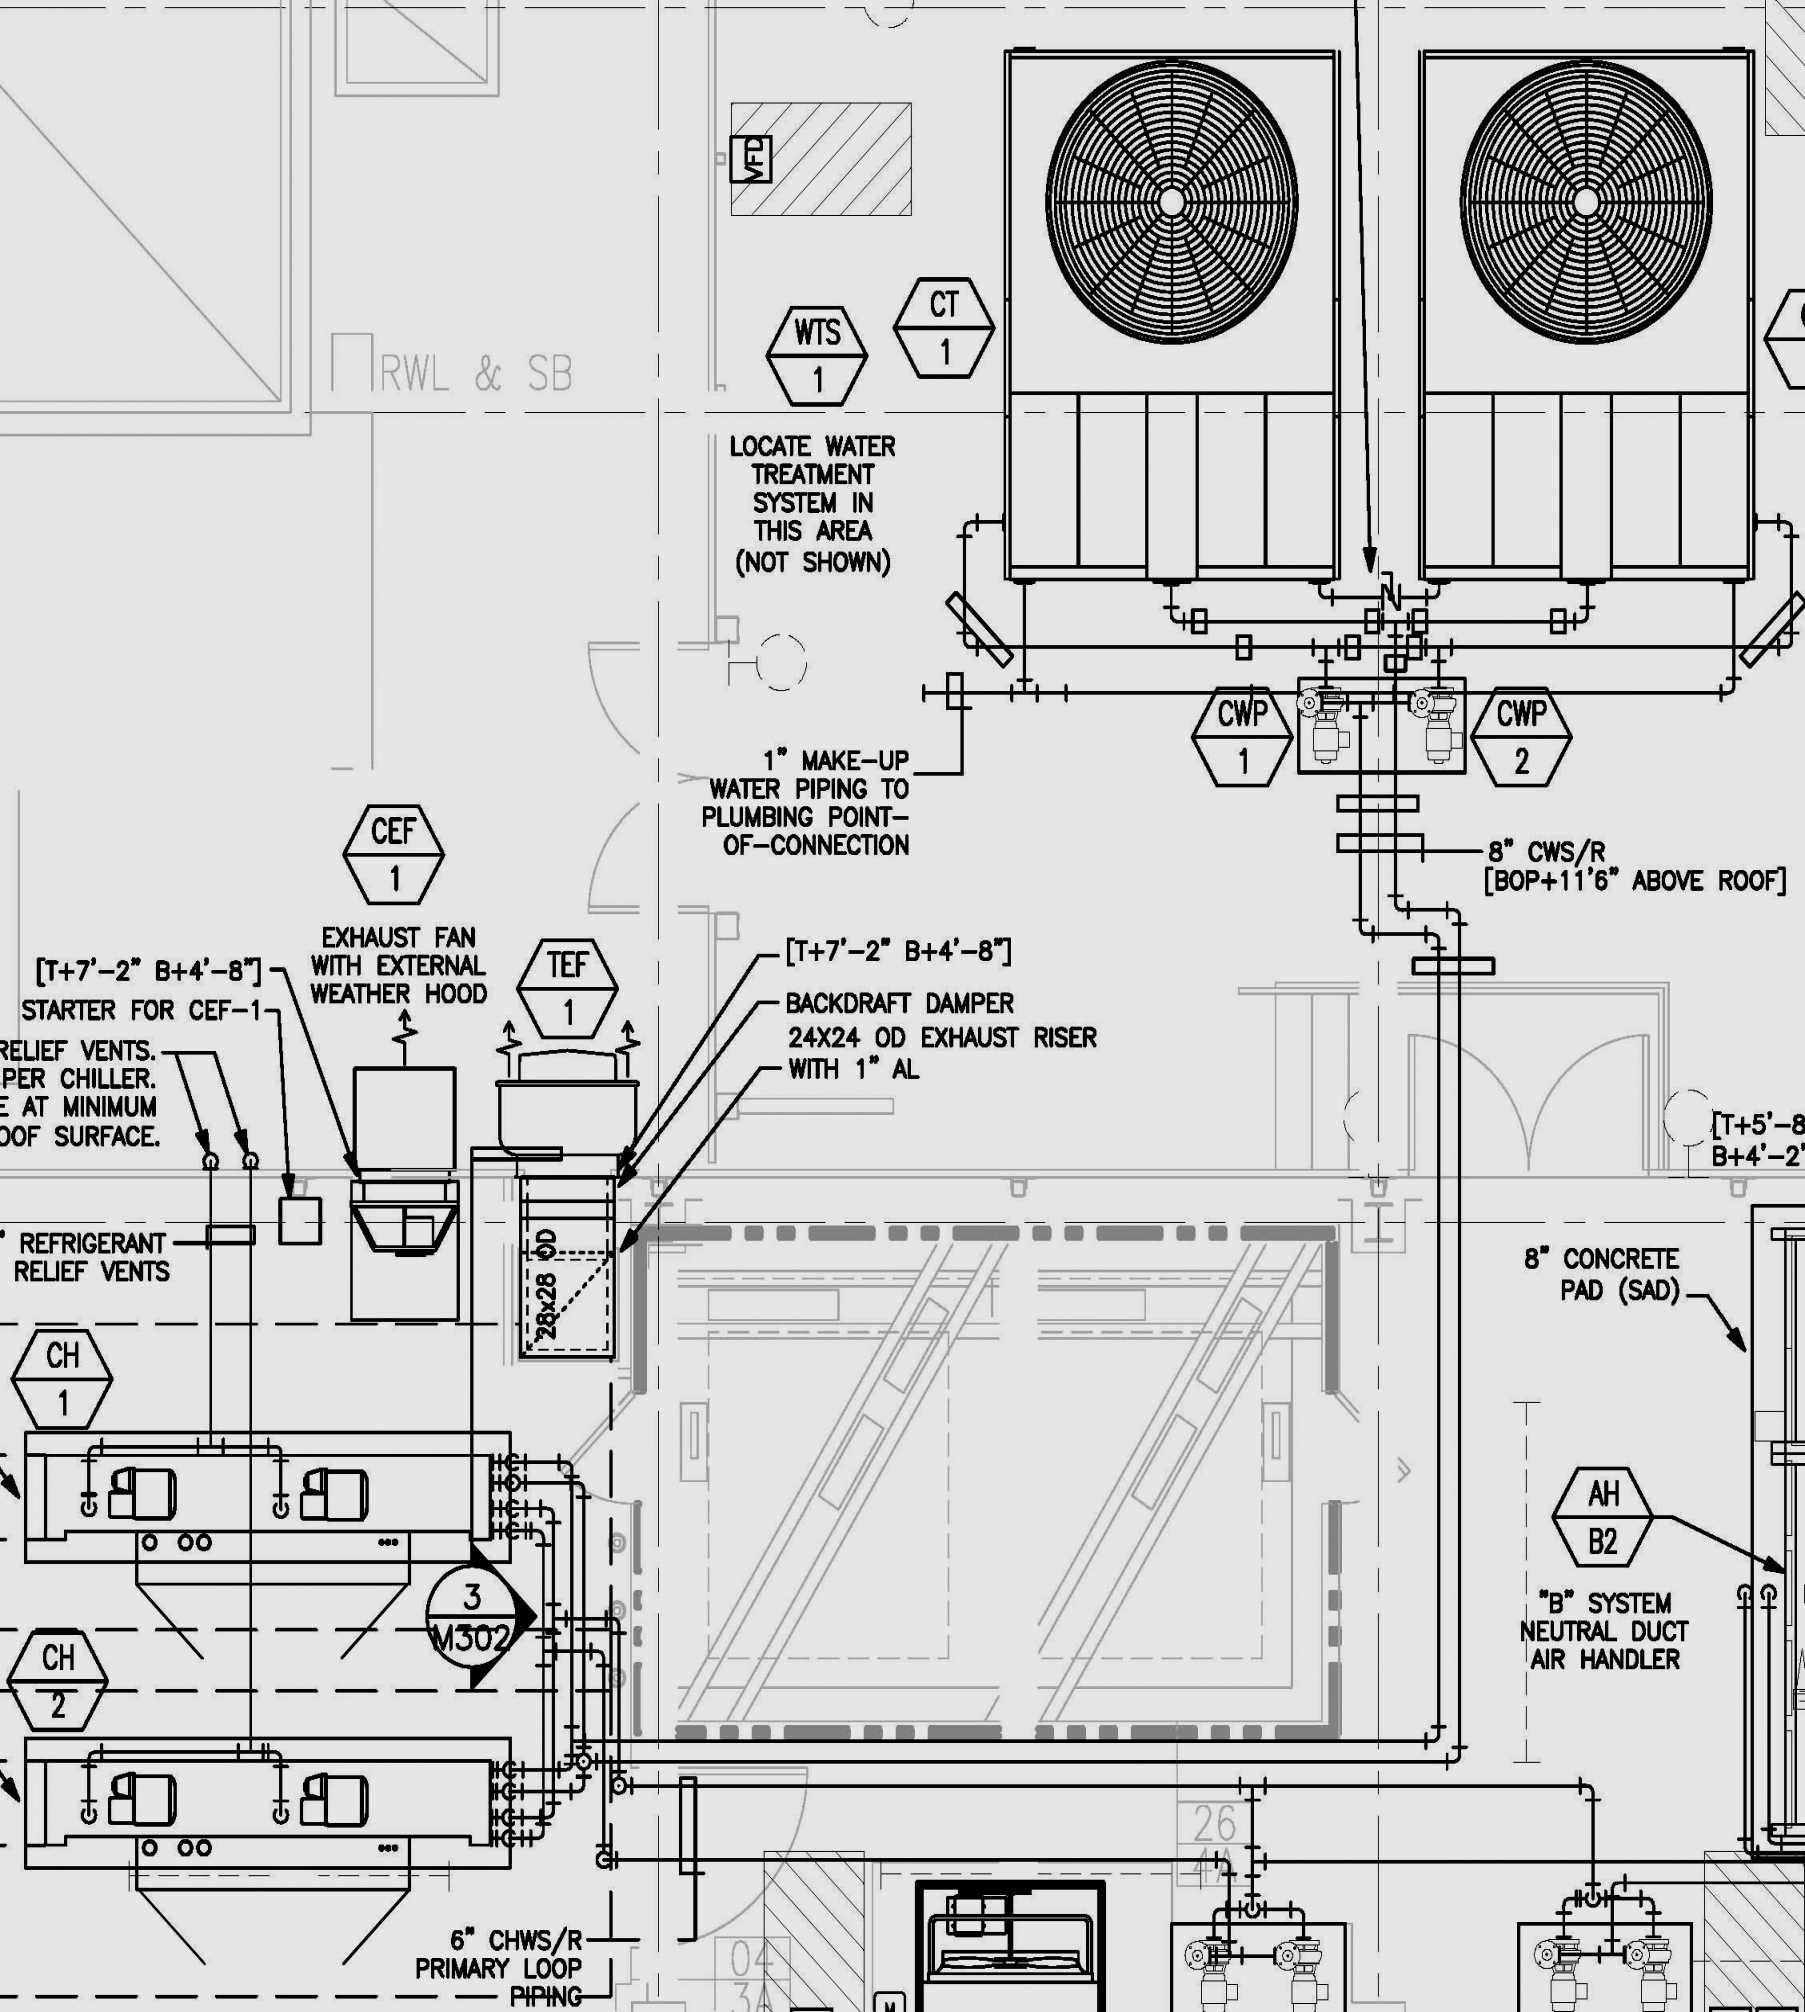 Onan Rv Generator Wiring Diagram - Wiring Diagrams - Onan Rv Generator Wiring Diagram